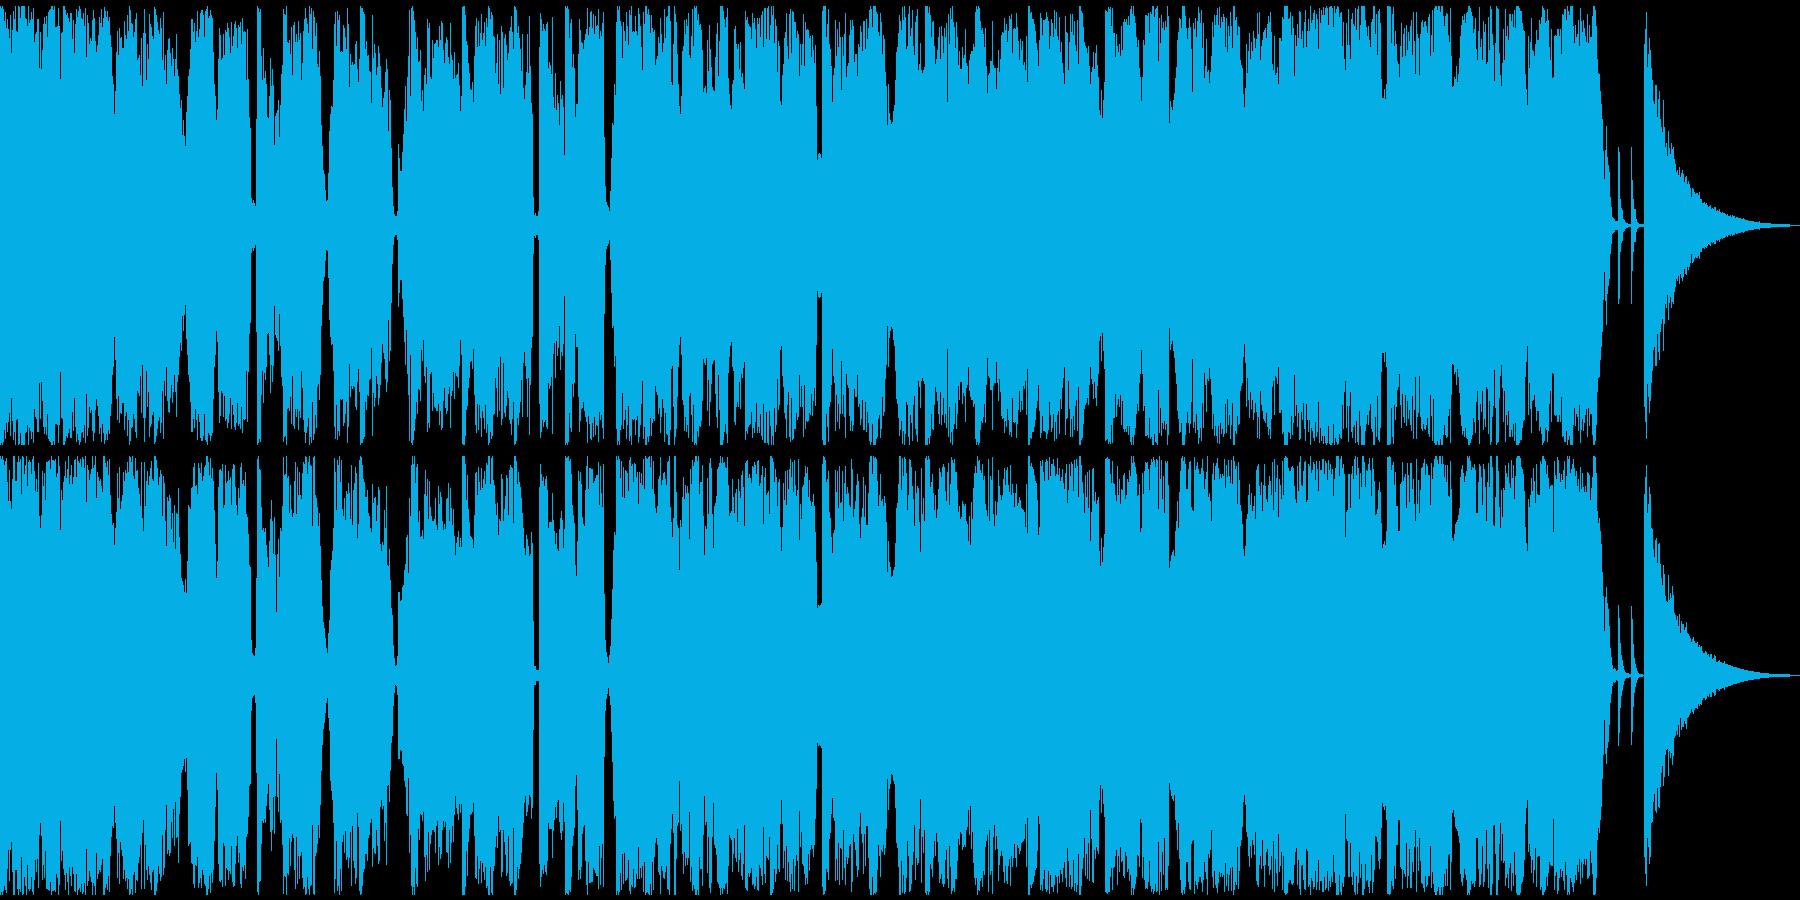 【フューチャーベース】ジングル4の再生済みの波形